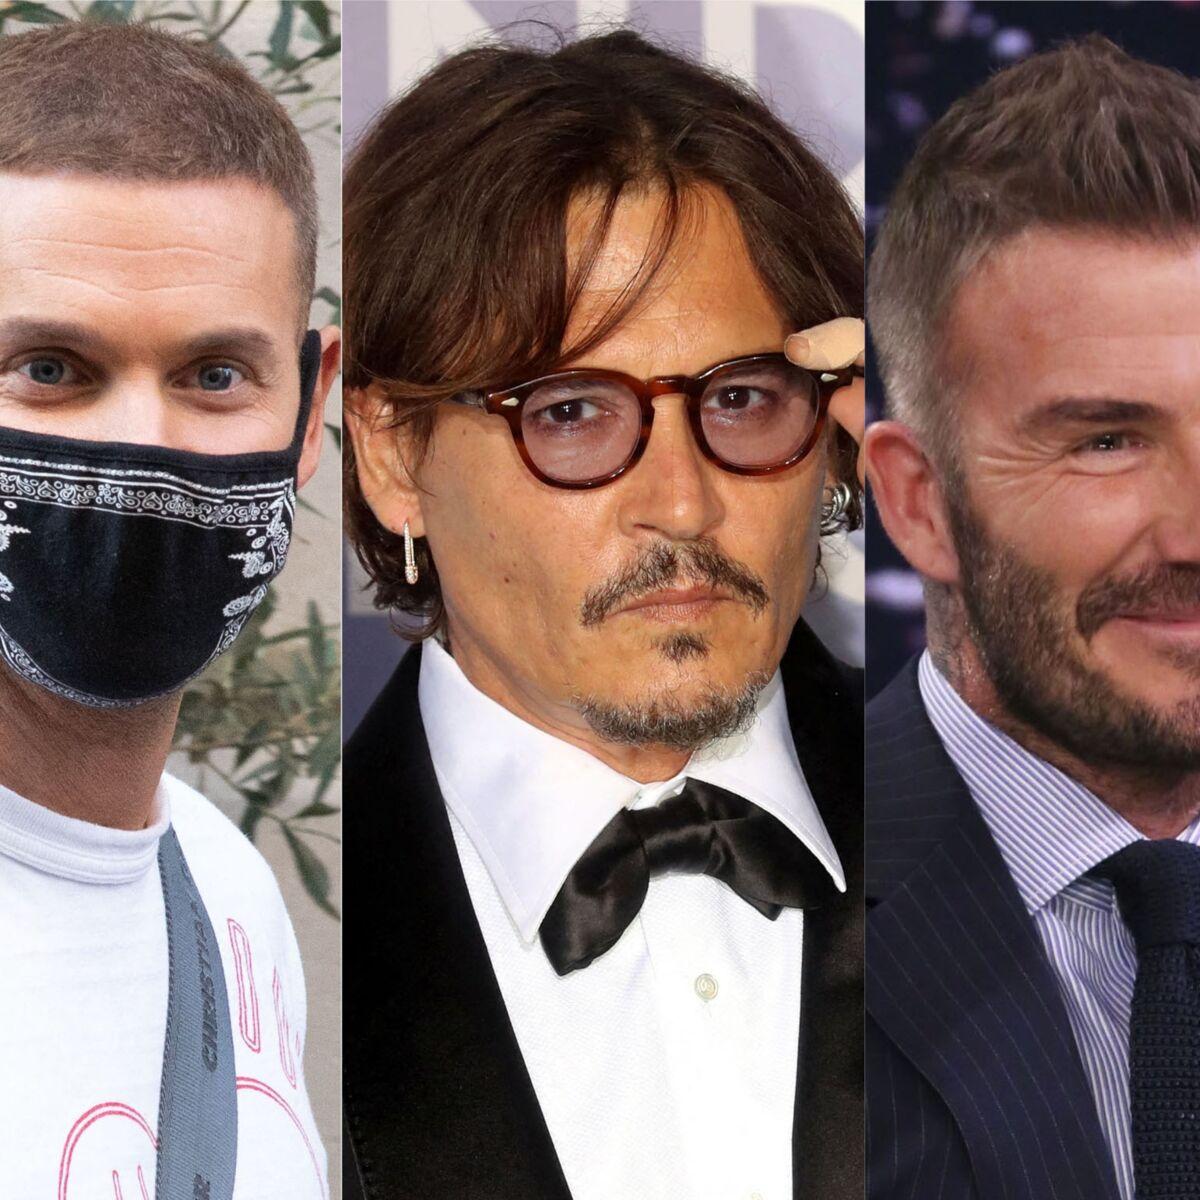 Hommes Les Tendances Coupes De Cheveux De L Automne Hiver 2020 2021 Femme Actuelle Le Mag